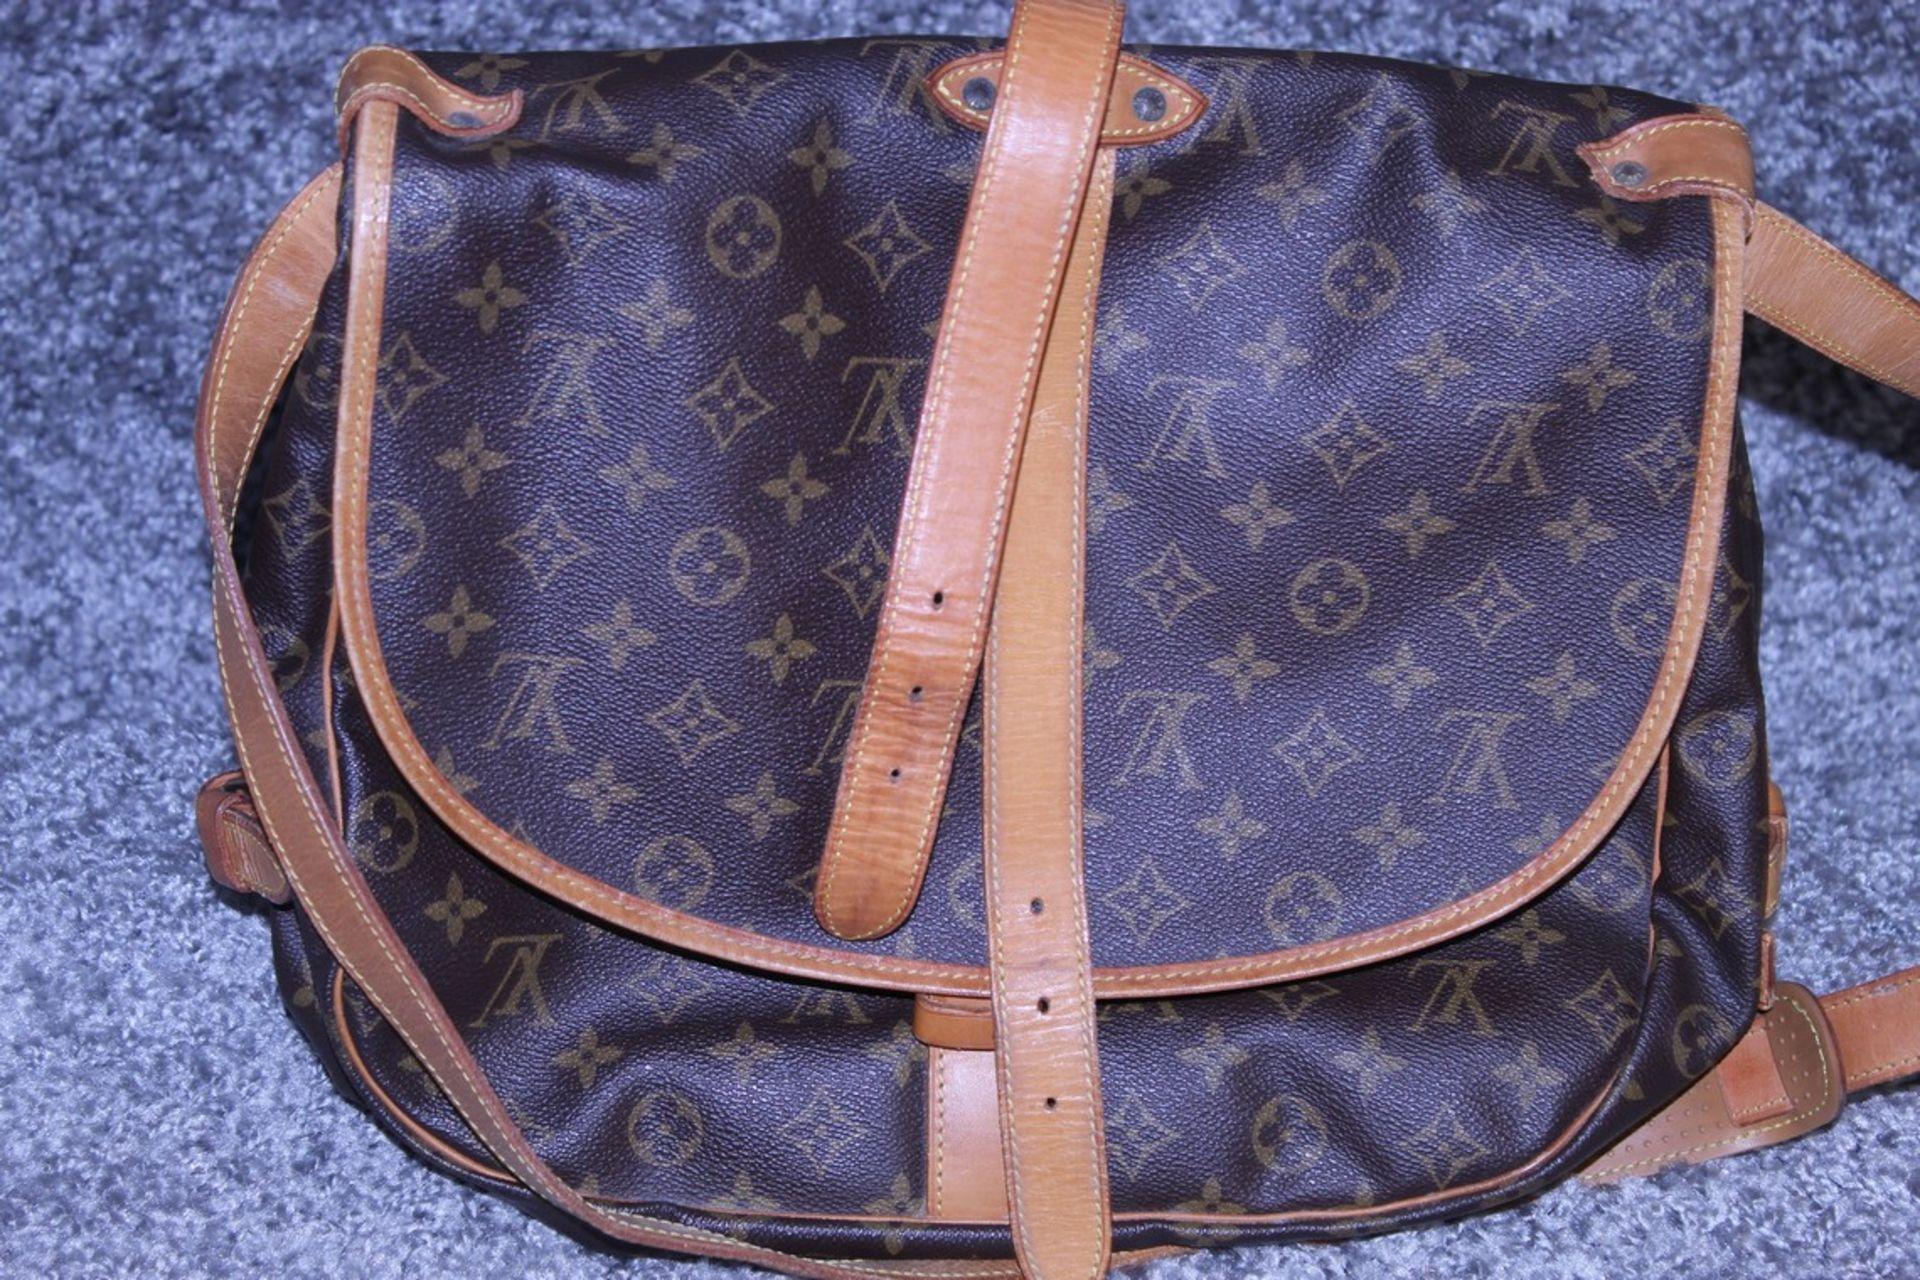 RRP £1,500 Louis Vuitton Saumur 30 Shoulder Bag, Monogram Canvas, Vachetta Handles, 30X27X17Cm ( - Image 2 of 4